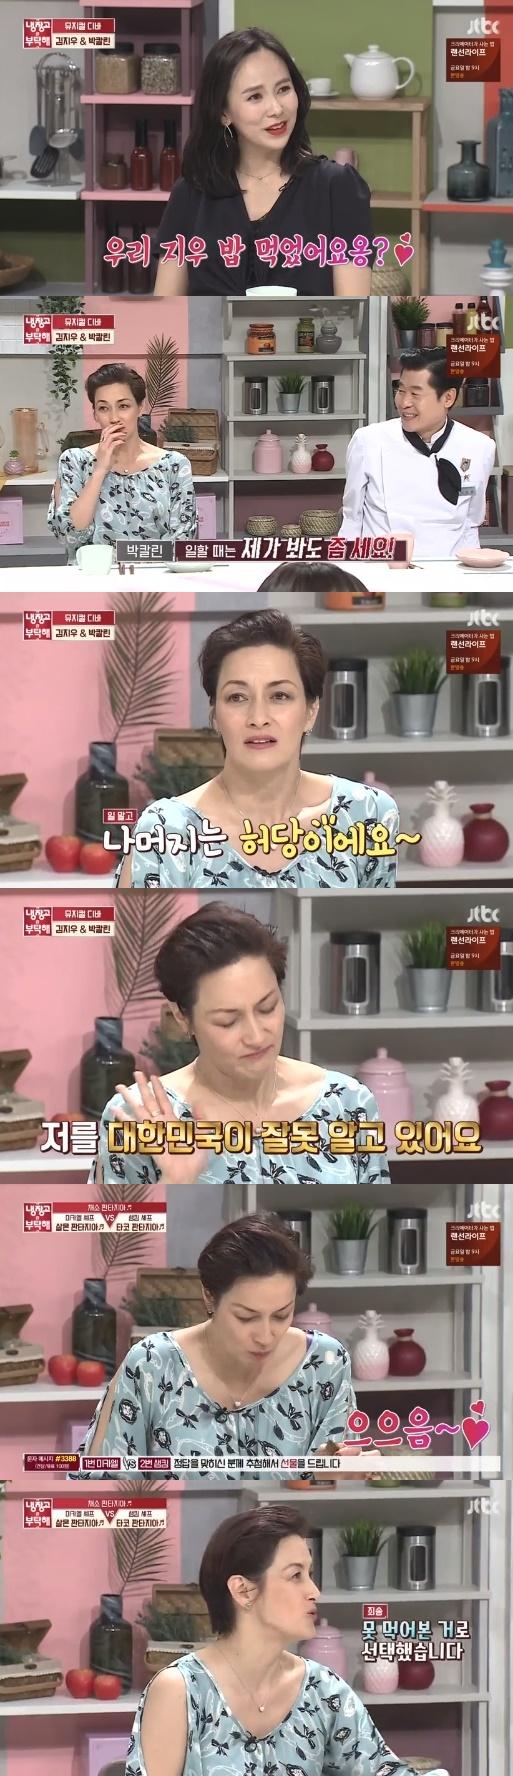 """""""원래 애교 많아""""…'냉장고' 박칼린, 카리스마 뒤 숨겨진 매력"""